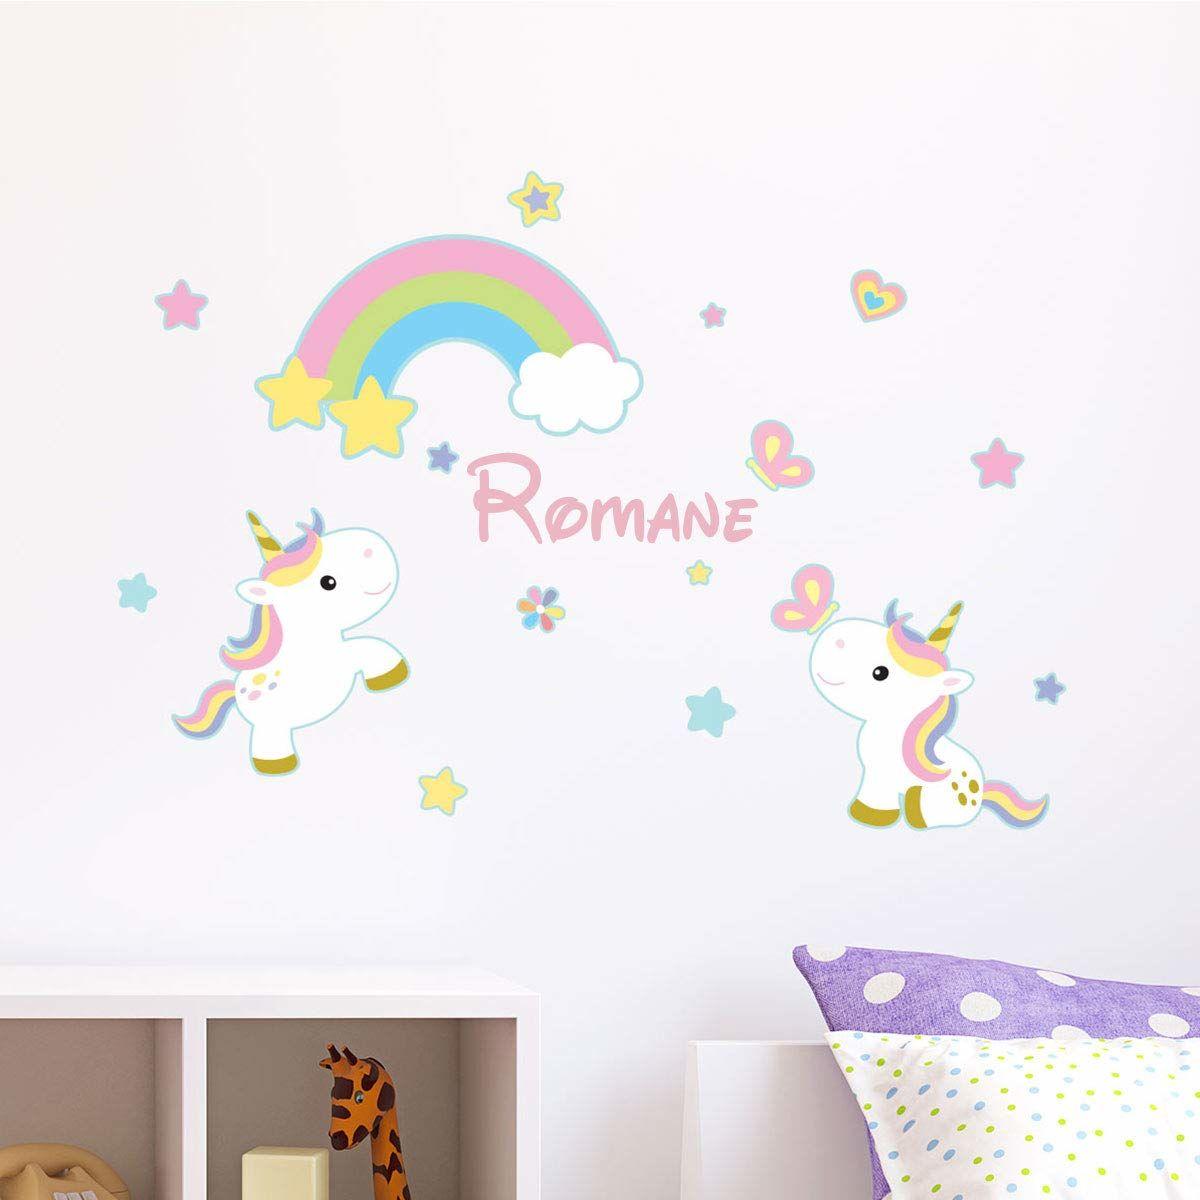 Spersonalizowana naklejka z imieniem, samoprzylepna, możliwość personalizacji, dekoracja ścienna do pokoju dziecięcego, 2 arkusze o wymiarach 25 x 25 cm i 40 x 25 cm, wielokolorowa